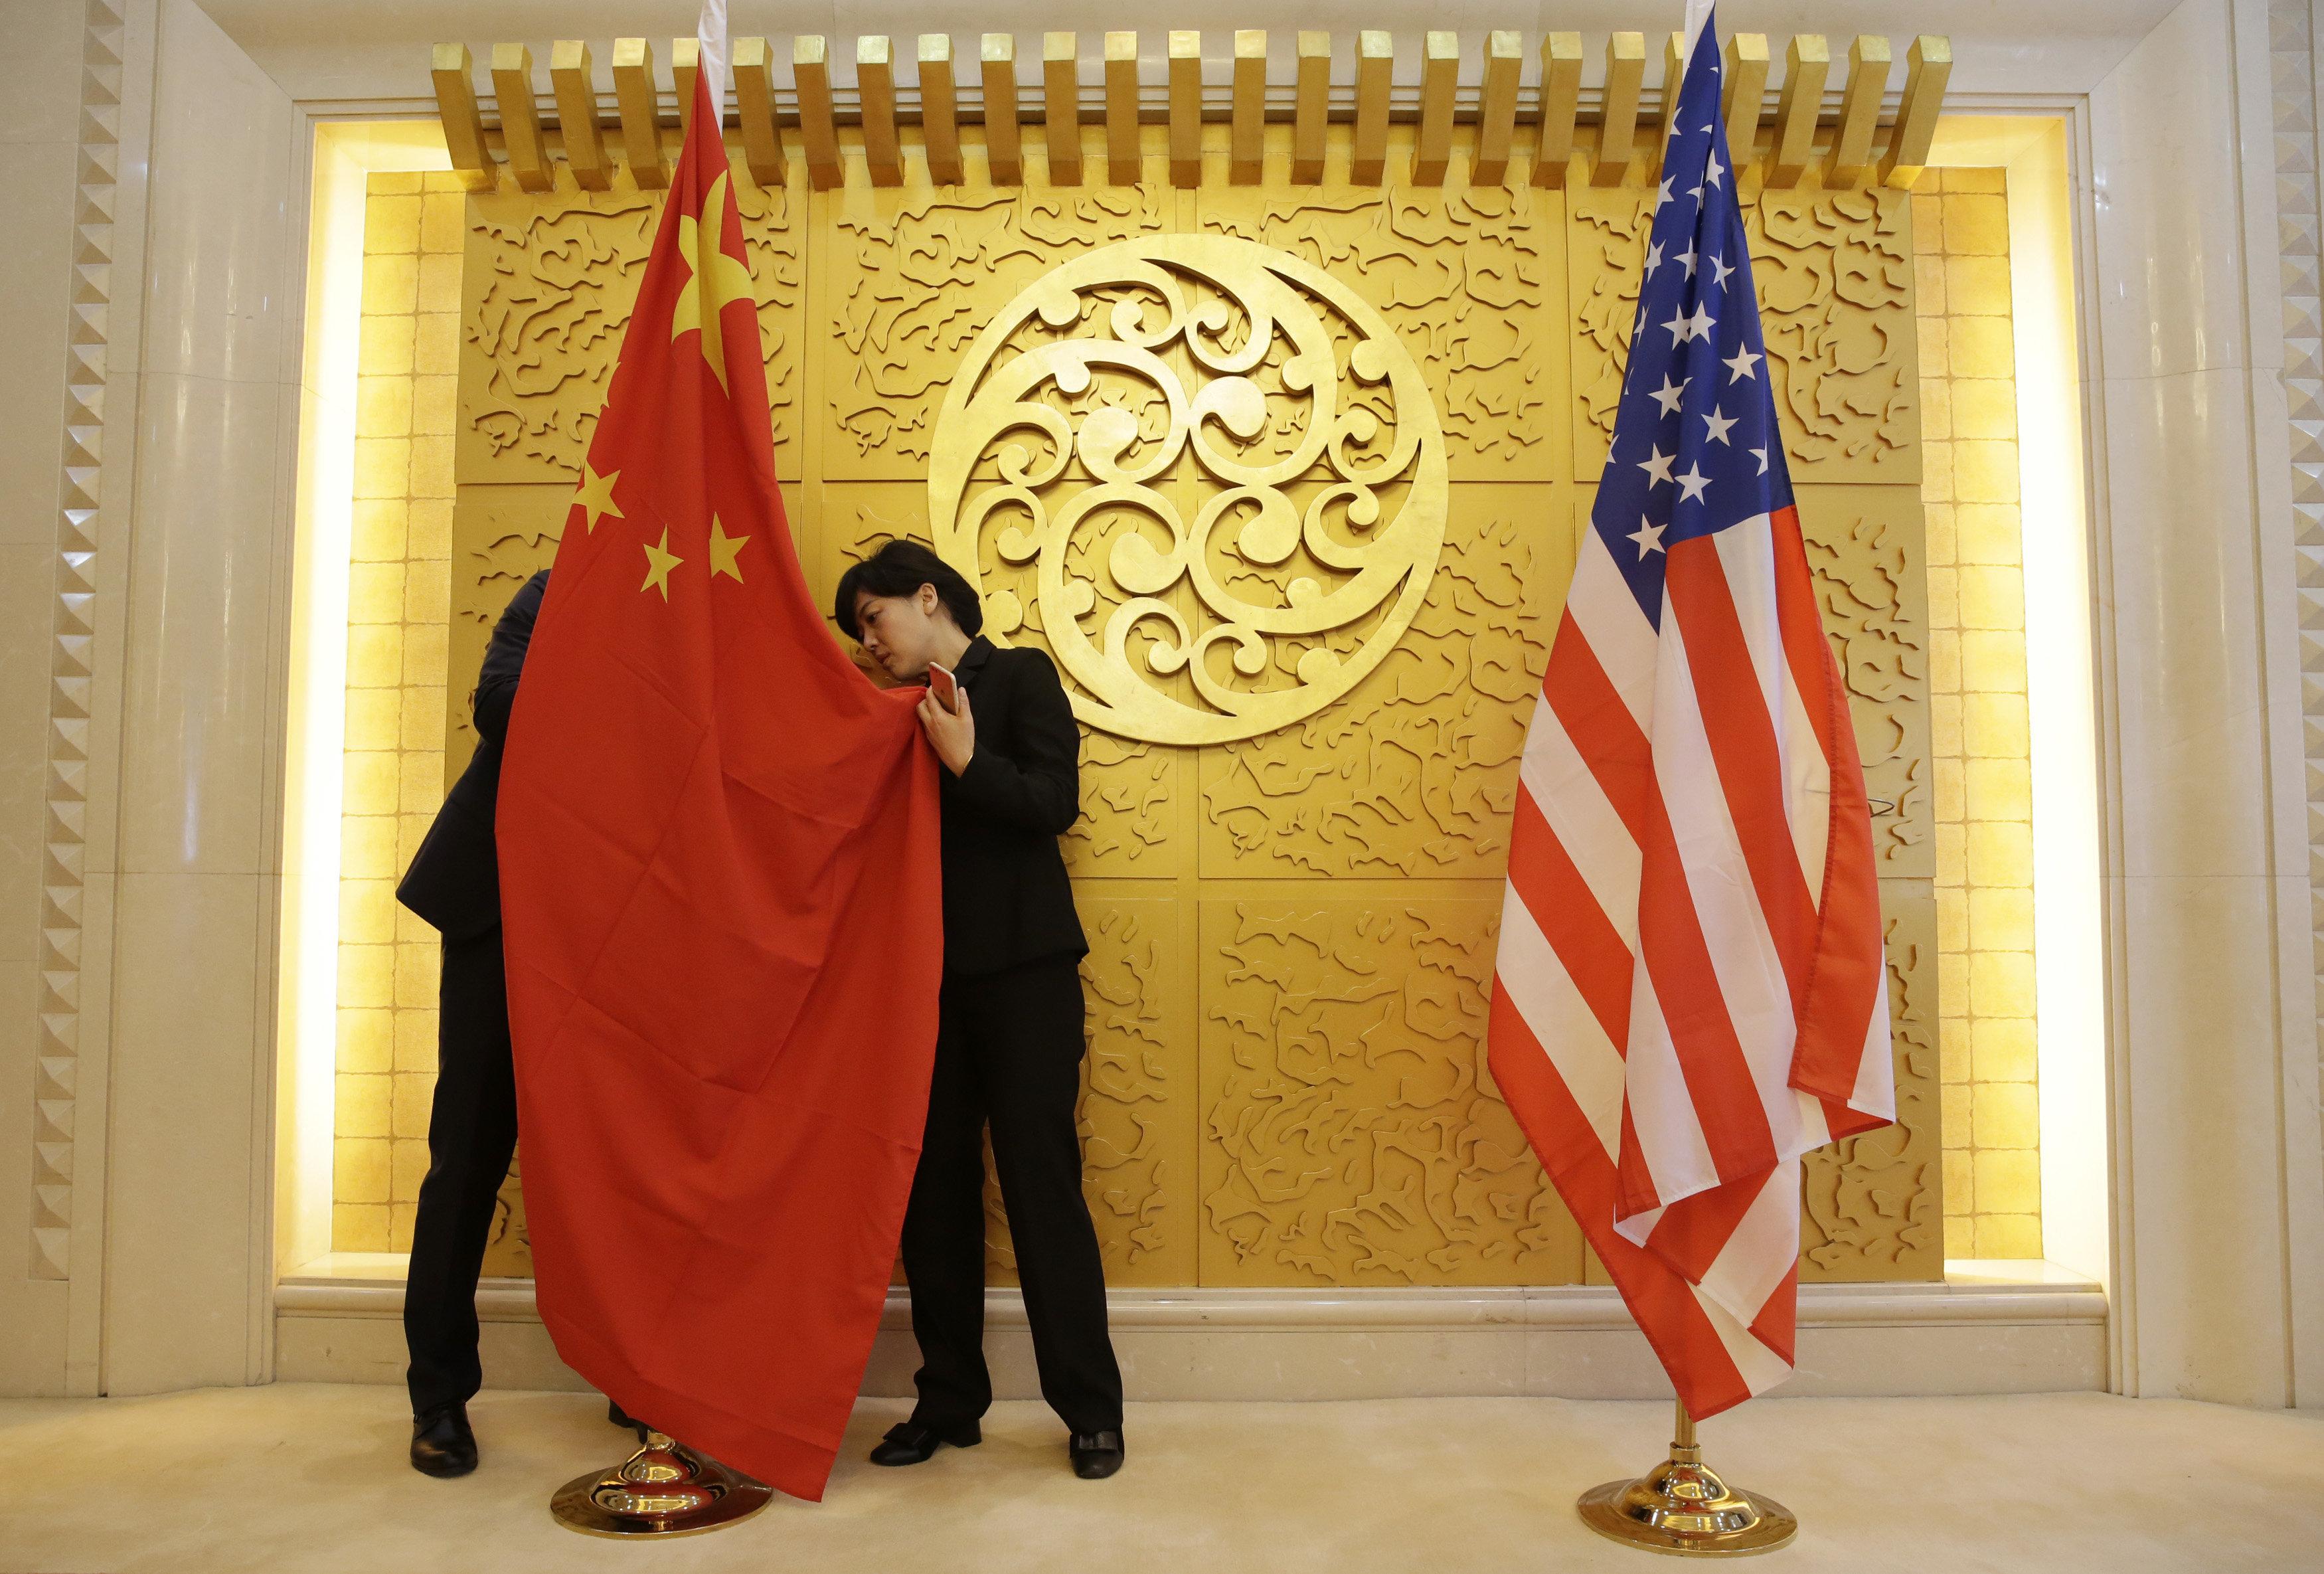 Τι είναι η ηχητική επίθεση και γιατί οι ΗΠΑ φοβούνται ότι υπάλληλοί της στην Κίνα